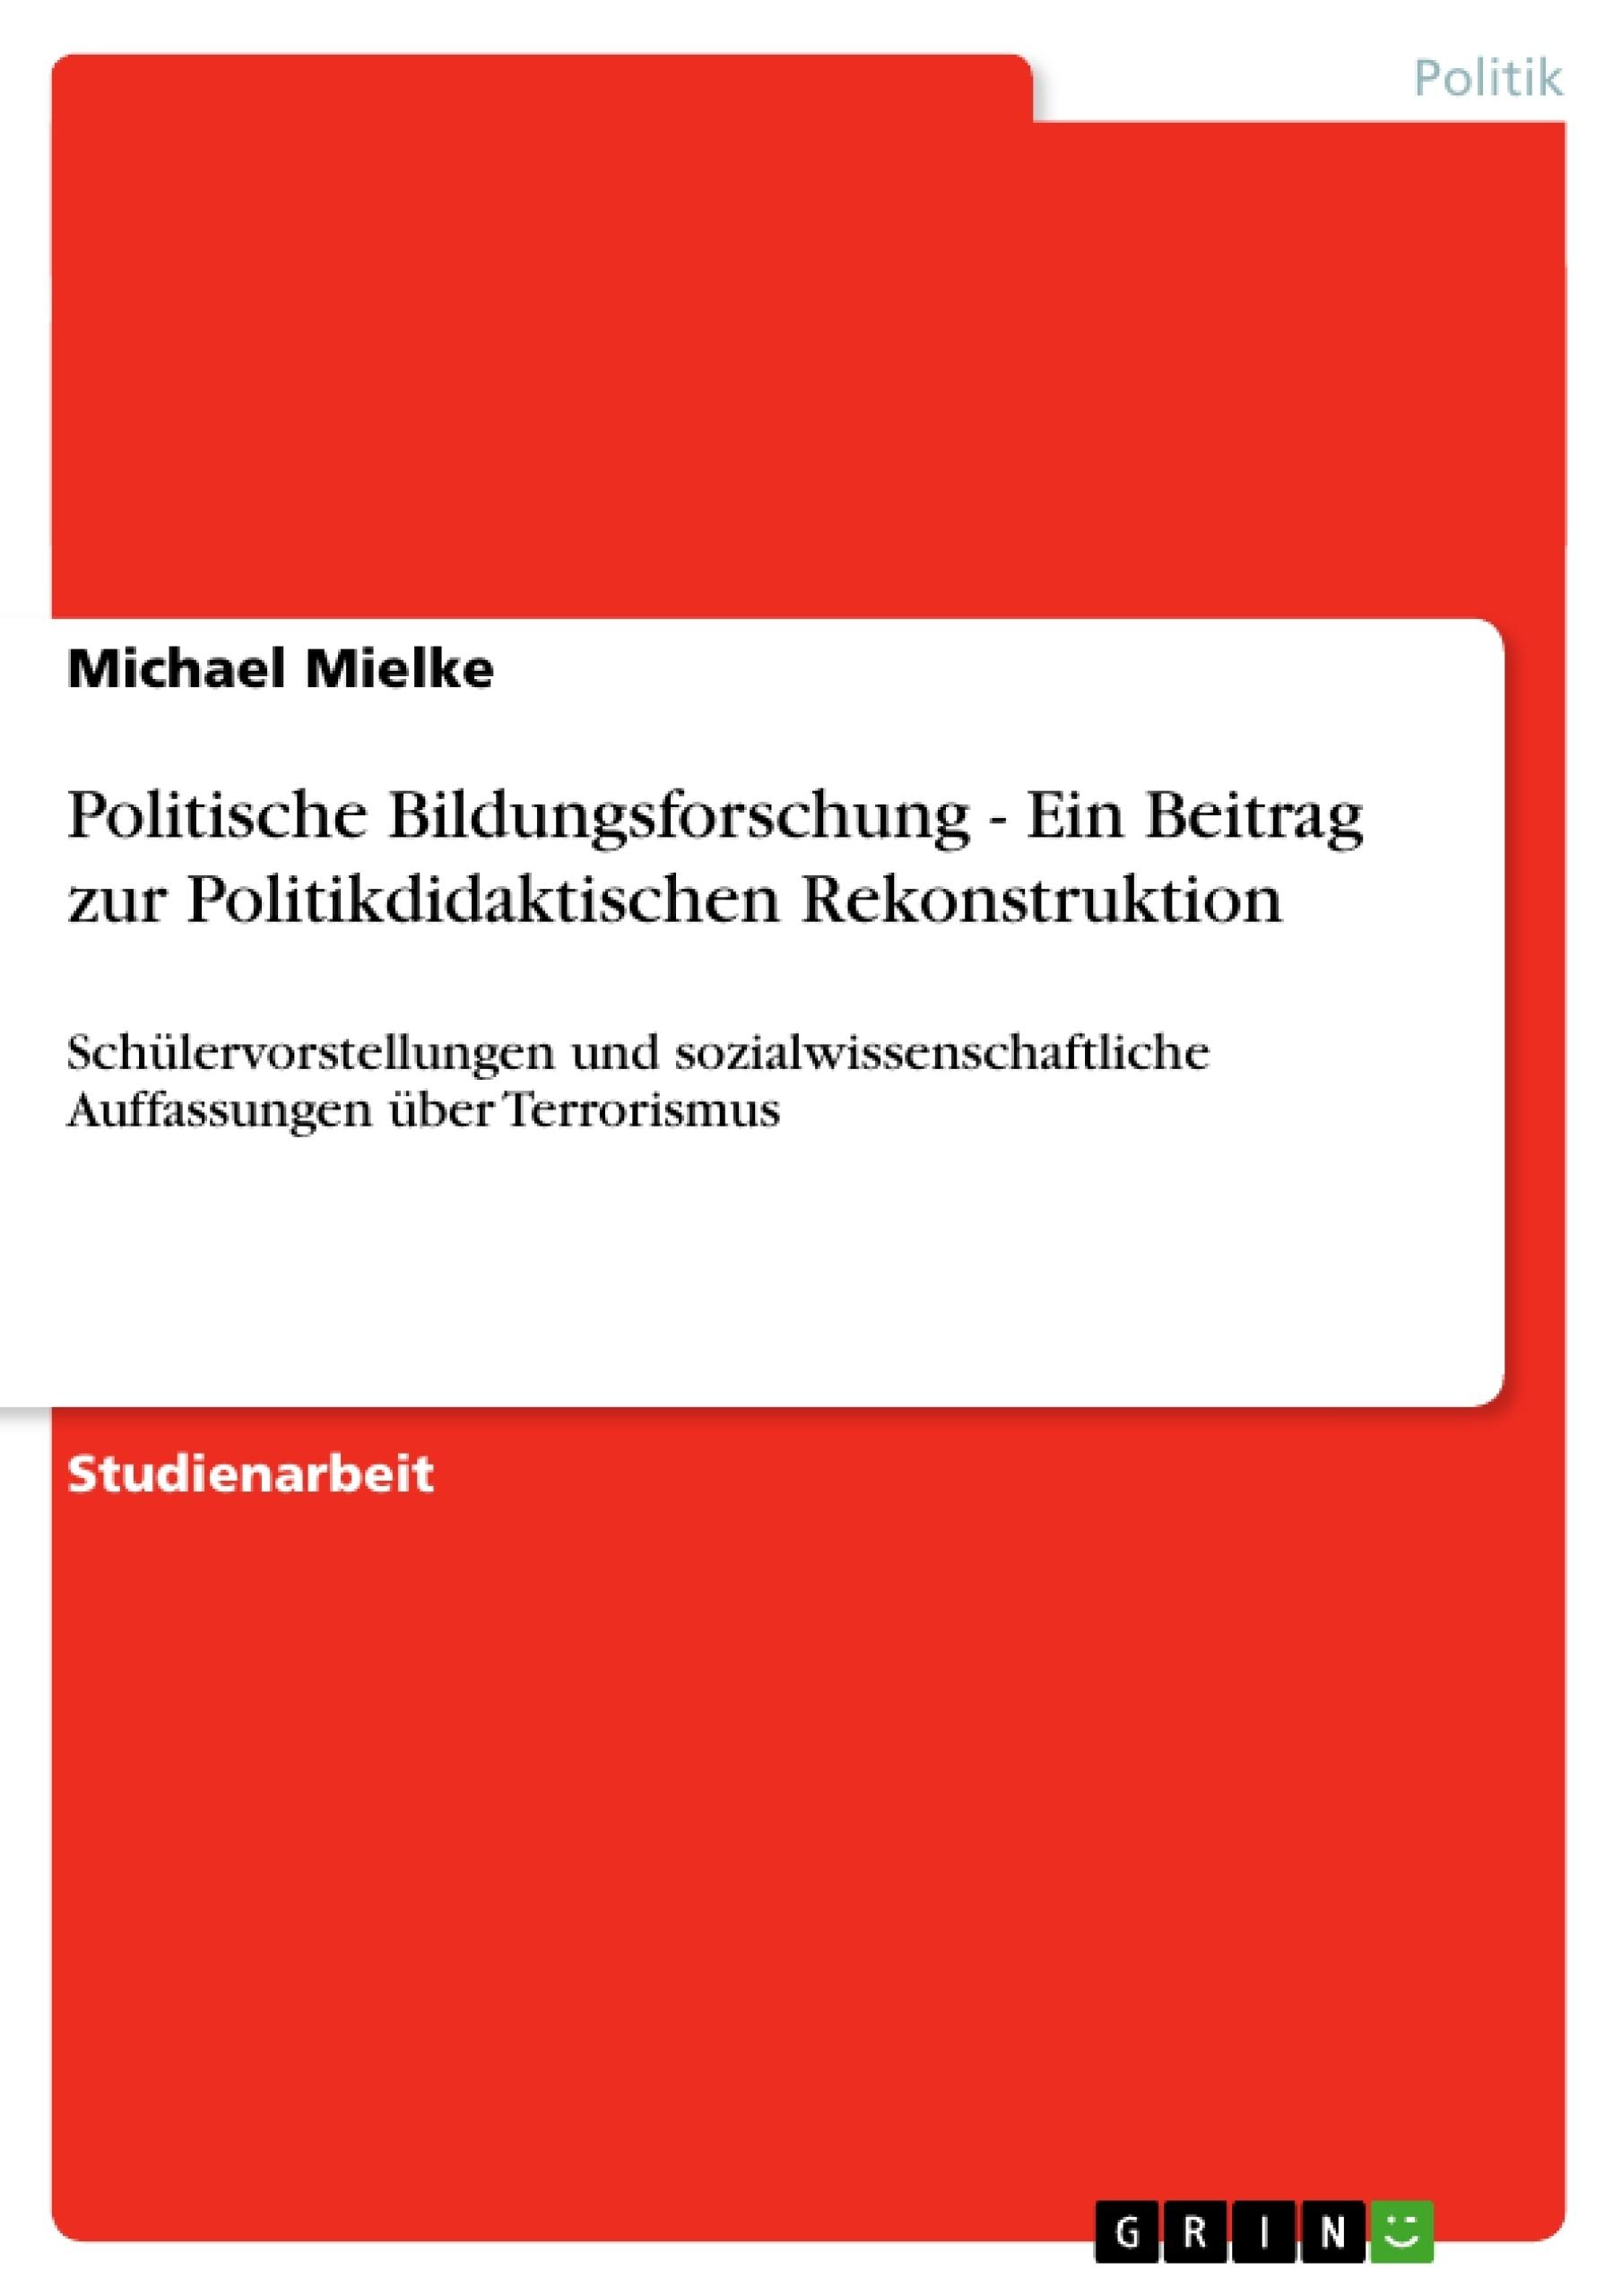 Titel: Politische Bildungsforschung - Ein Beitrag zur Politikdidaktischen Rekonstruktion